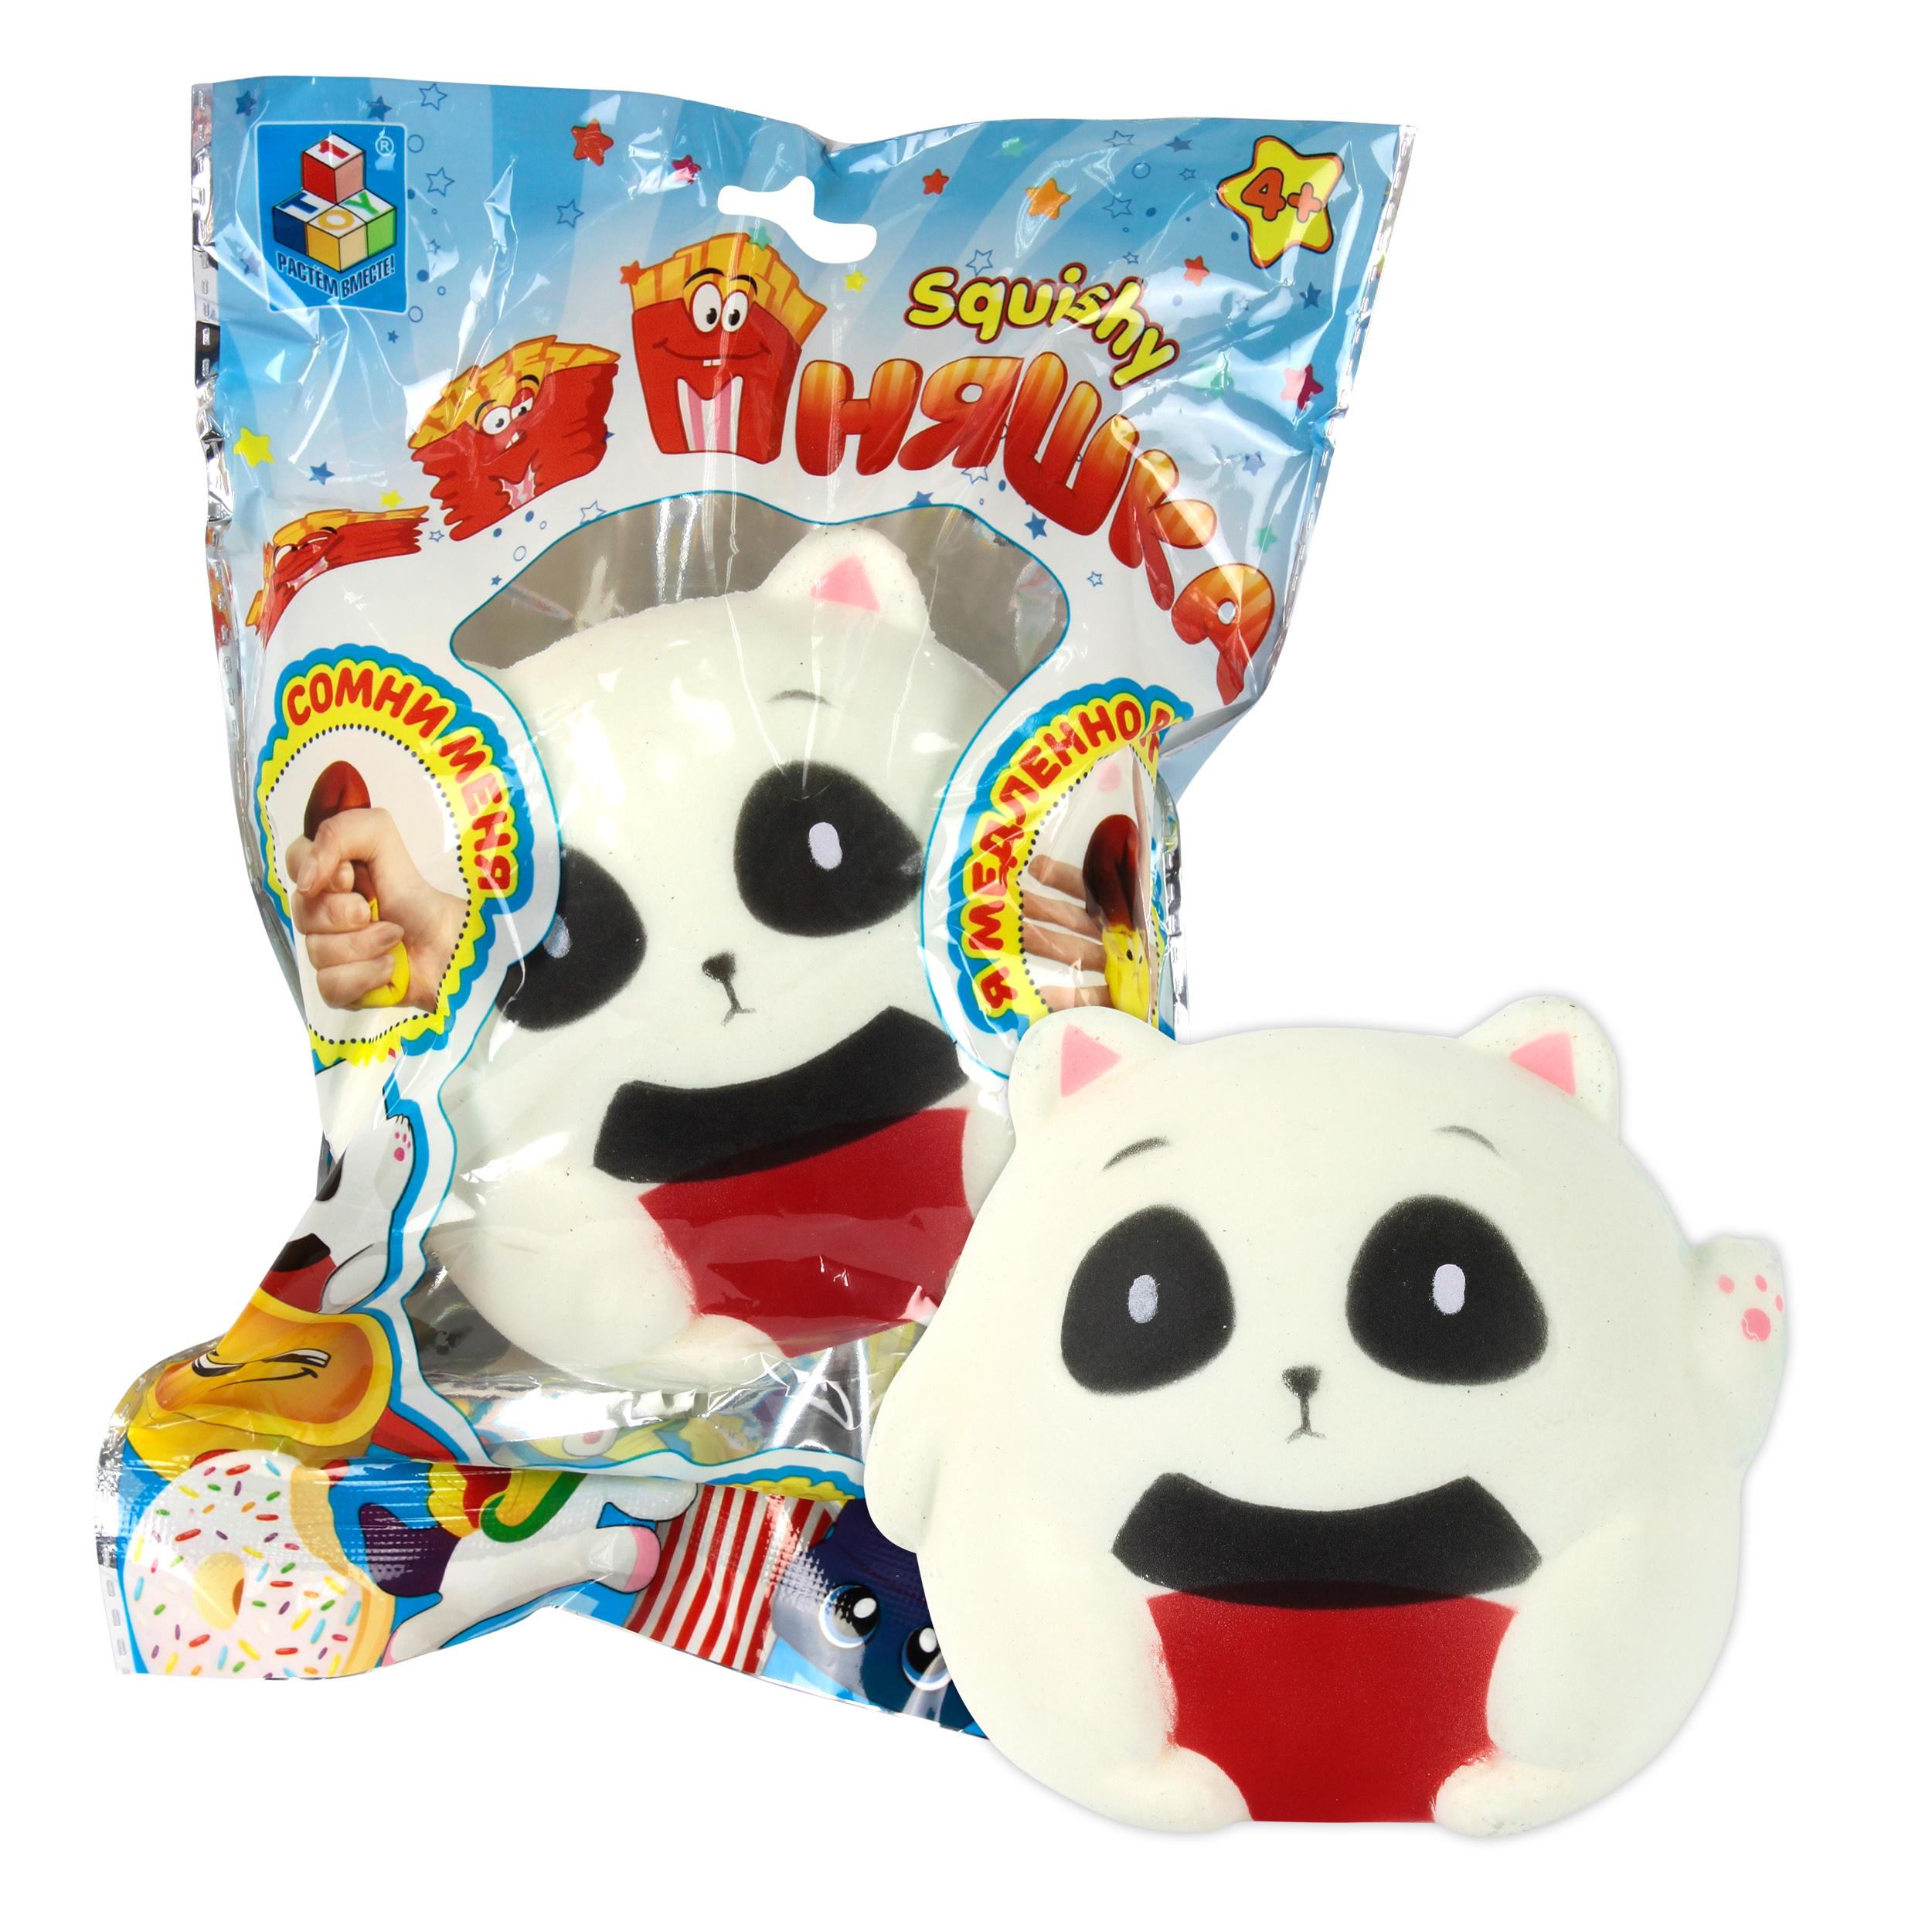 Игрушки-антистресс 1toy Игрушка-антистресс 1Toy «Мммняшка squishy: Панда сидящая» игрушка антистресс good mood единорог а3295